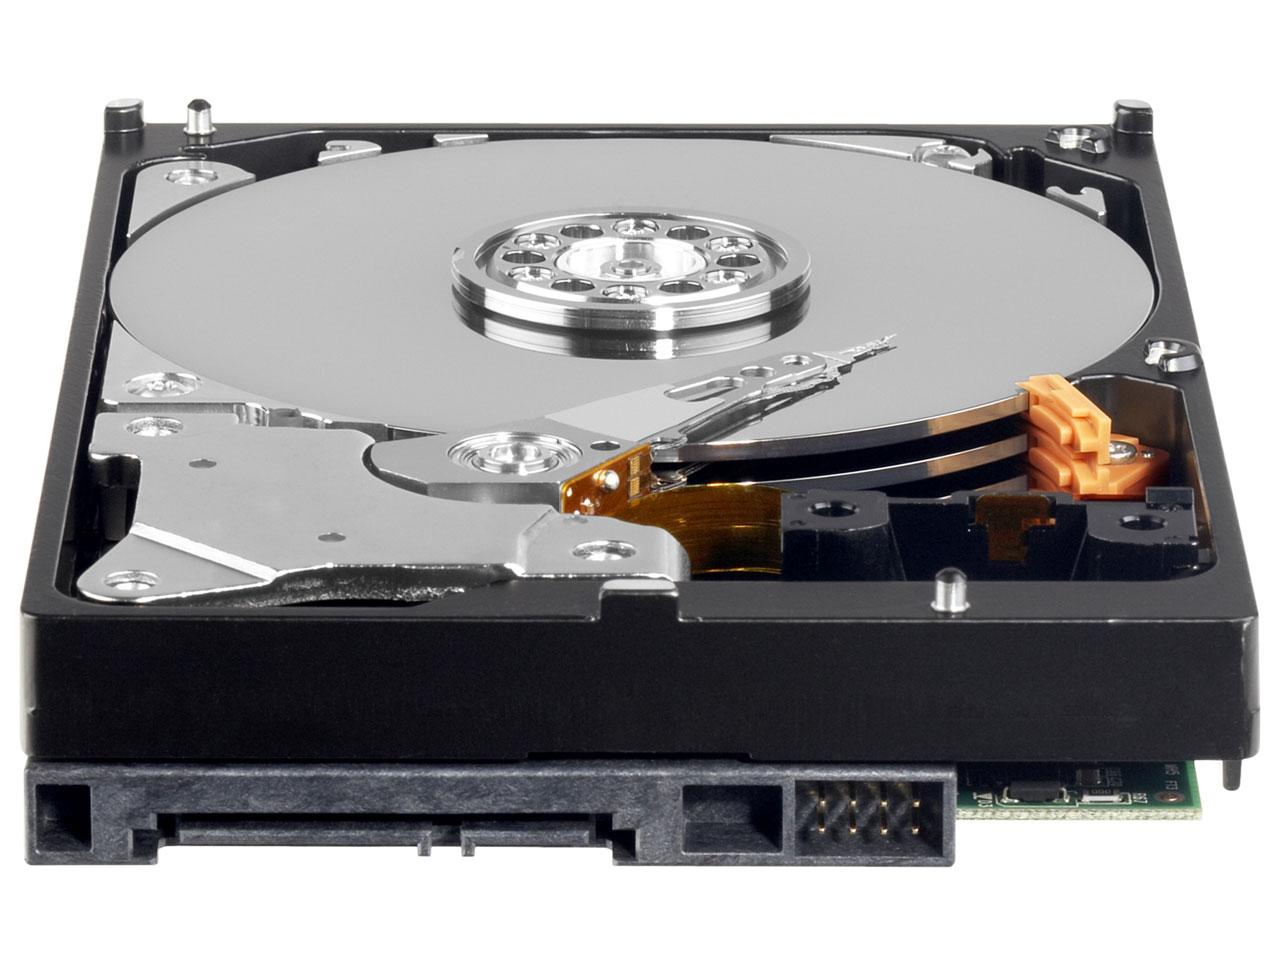 『本体 底面』 WD20EZRX [2TB SATA600] の製品画像